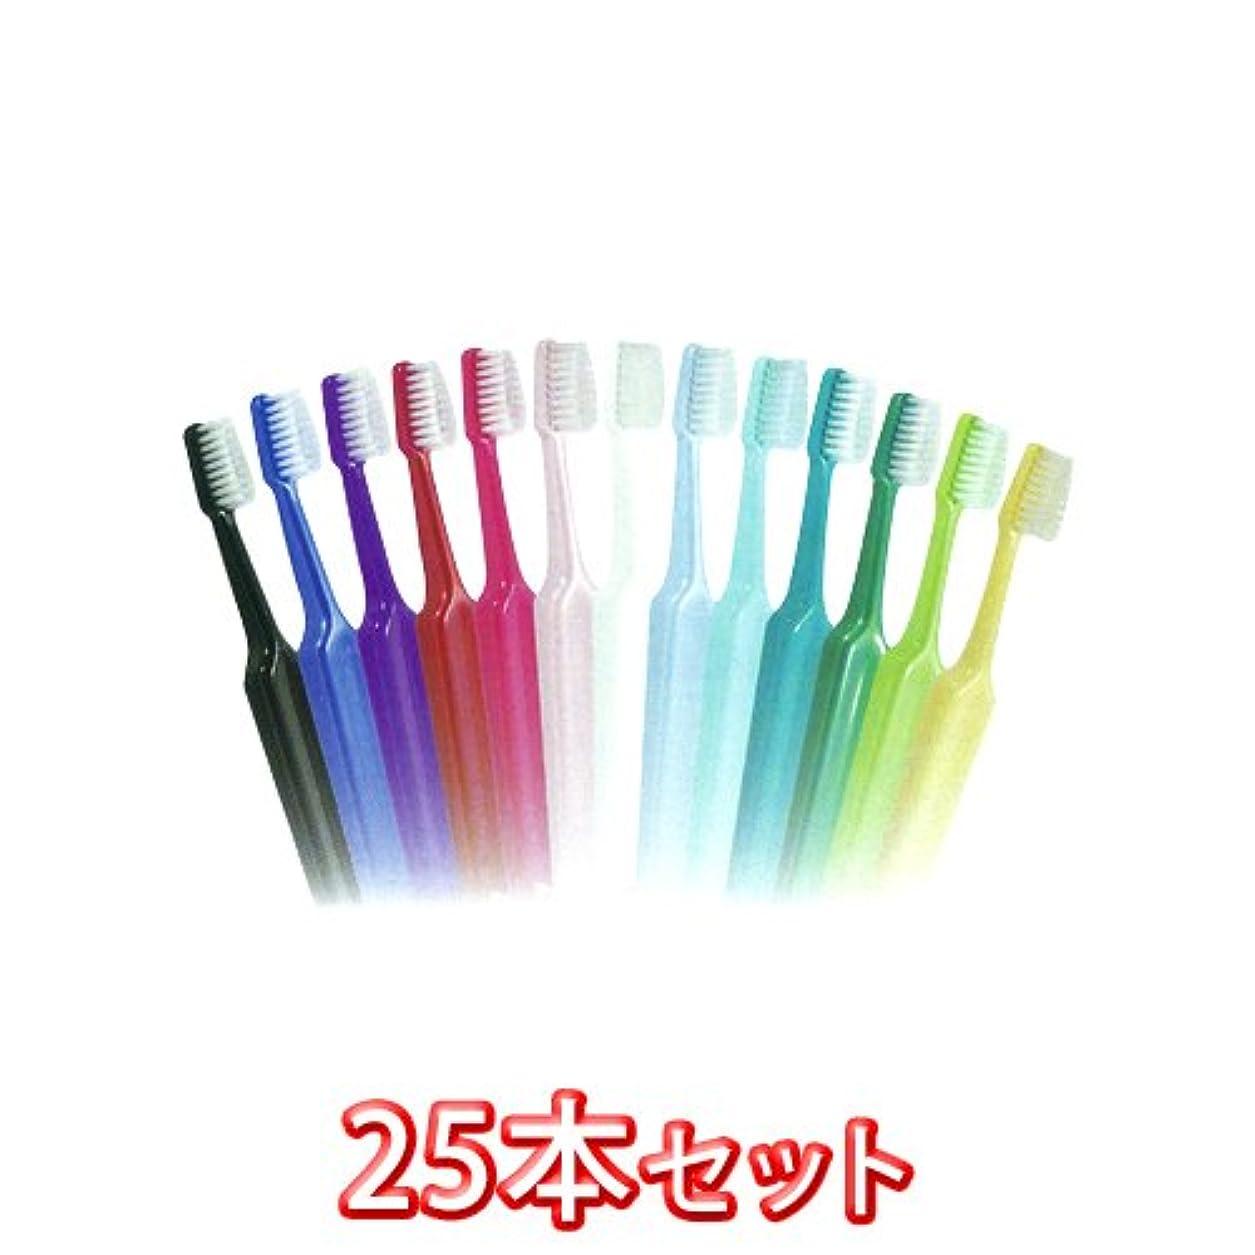 加入薄暗い想像力豊かなTePeテペセレクトコンパクト歯ブラシ 25本(コンパクトミディアム)